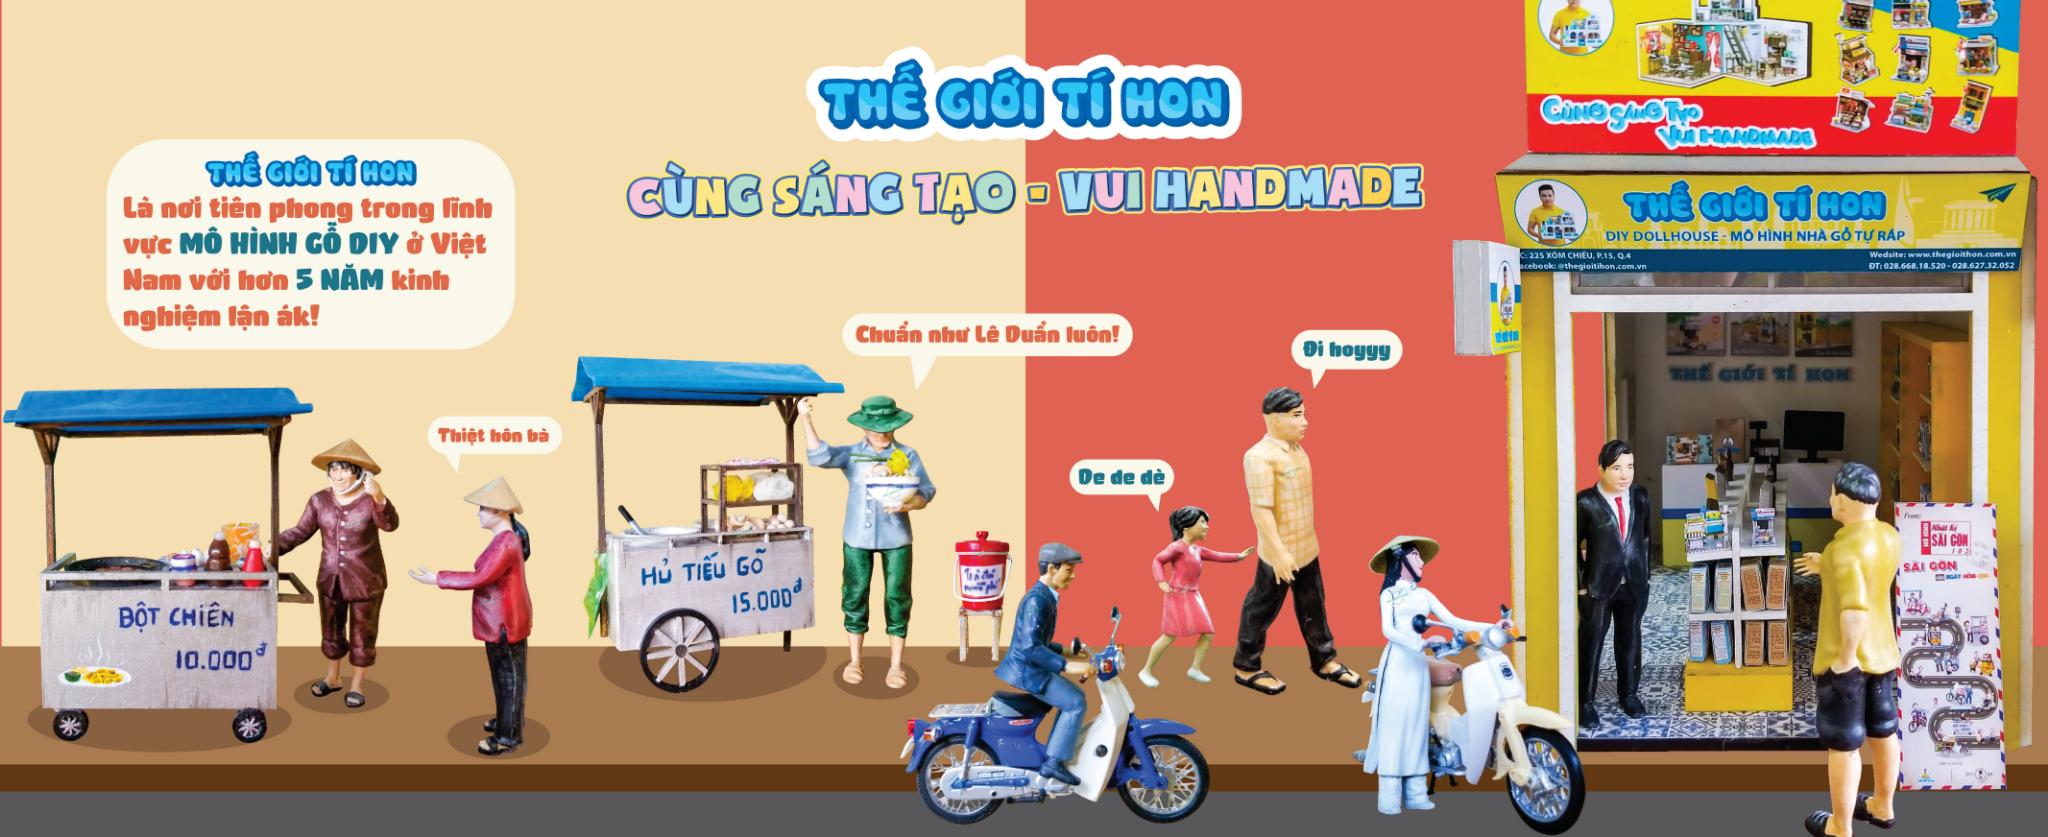 Mô Hình Gỗ DIY Phòng Sài Gòn Xưa - Hoài Niệm - Mã SP: TX01